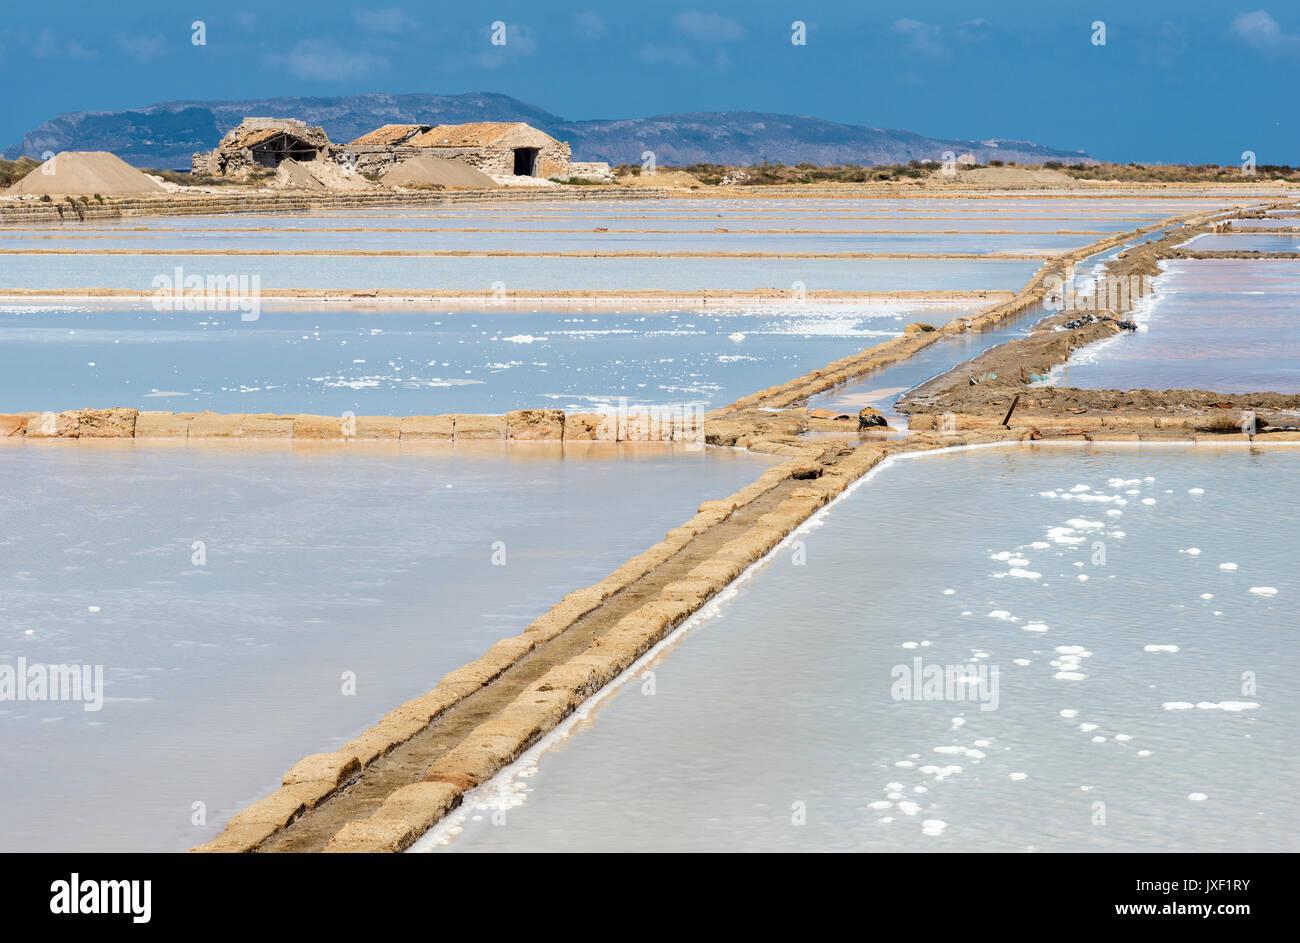 Salinas con sal producida por la evaporación del agua de mar Culcasi, al sur de Trapani, en la costa oeste de Sicilia, Italia. Imagen De Stock